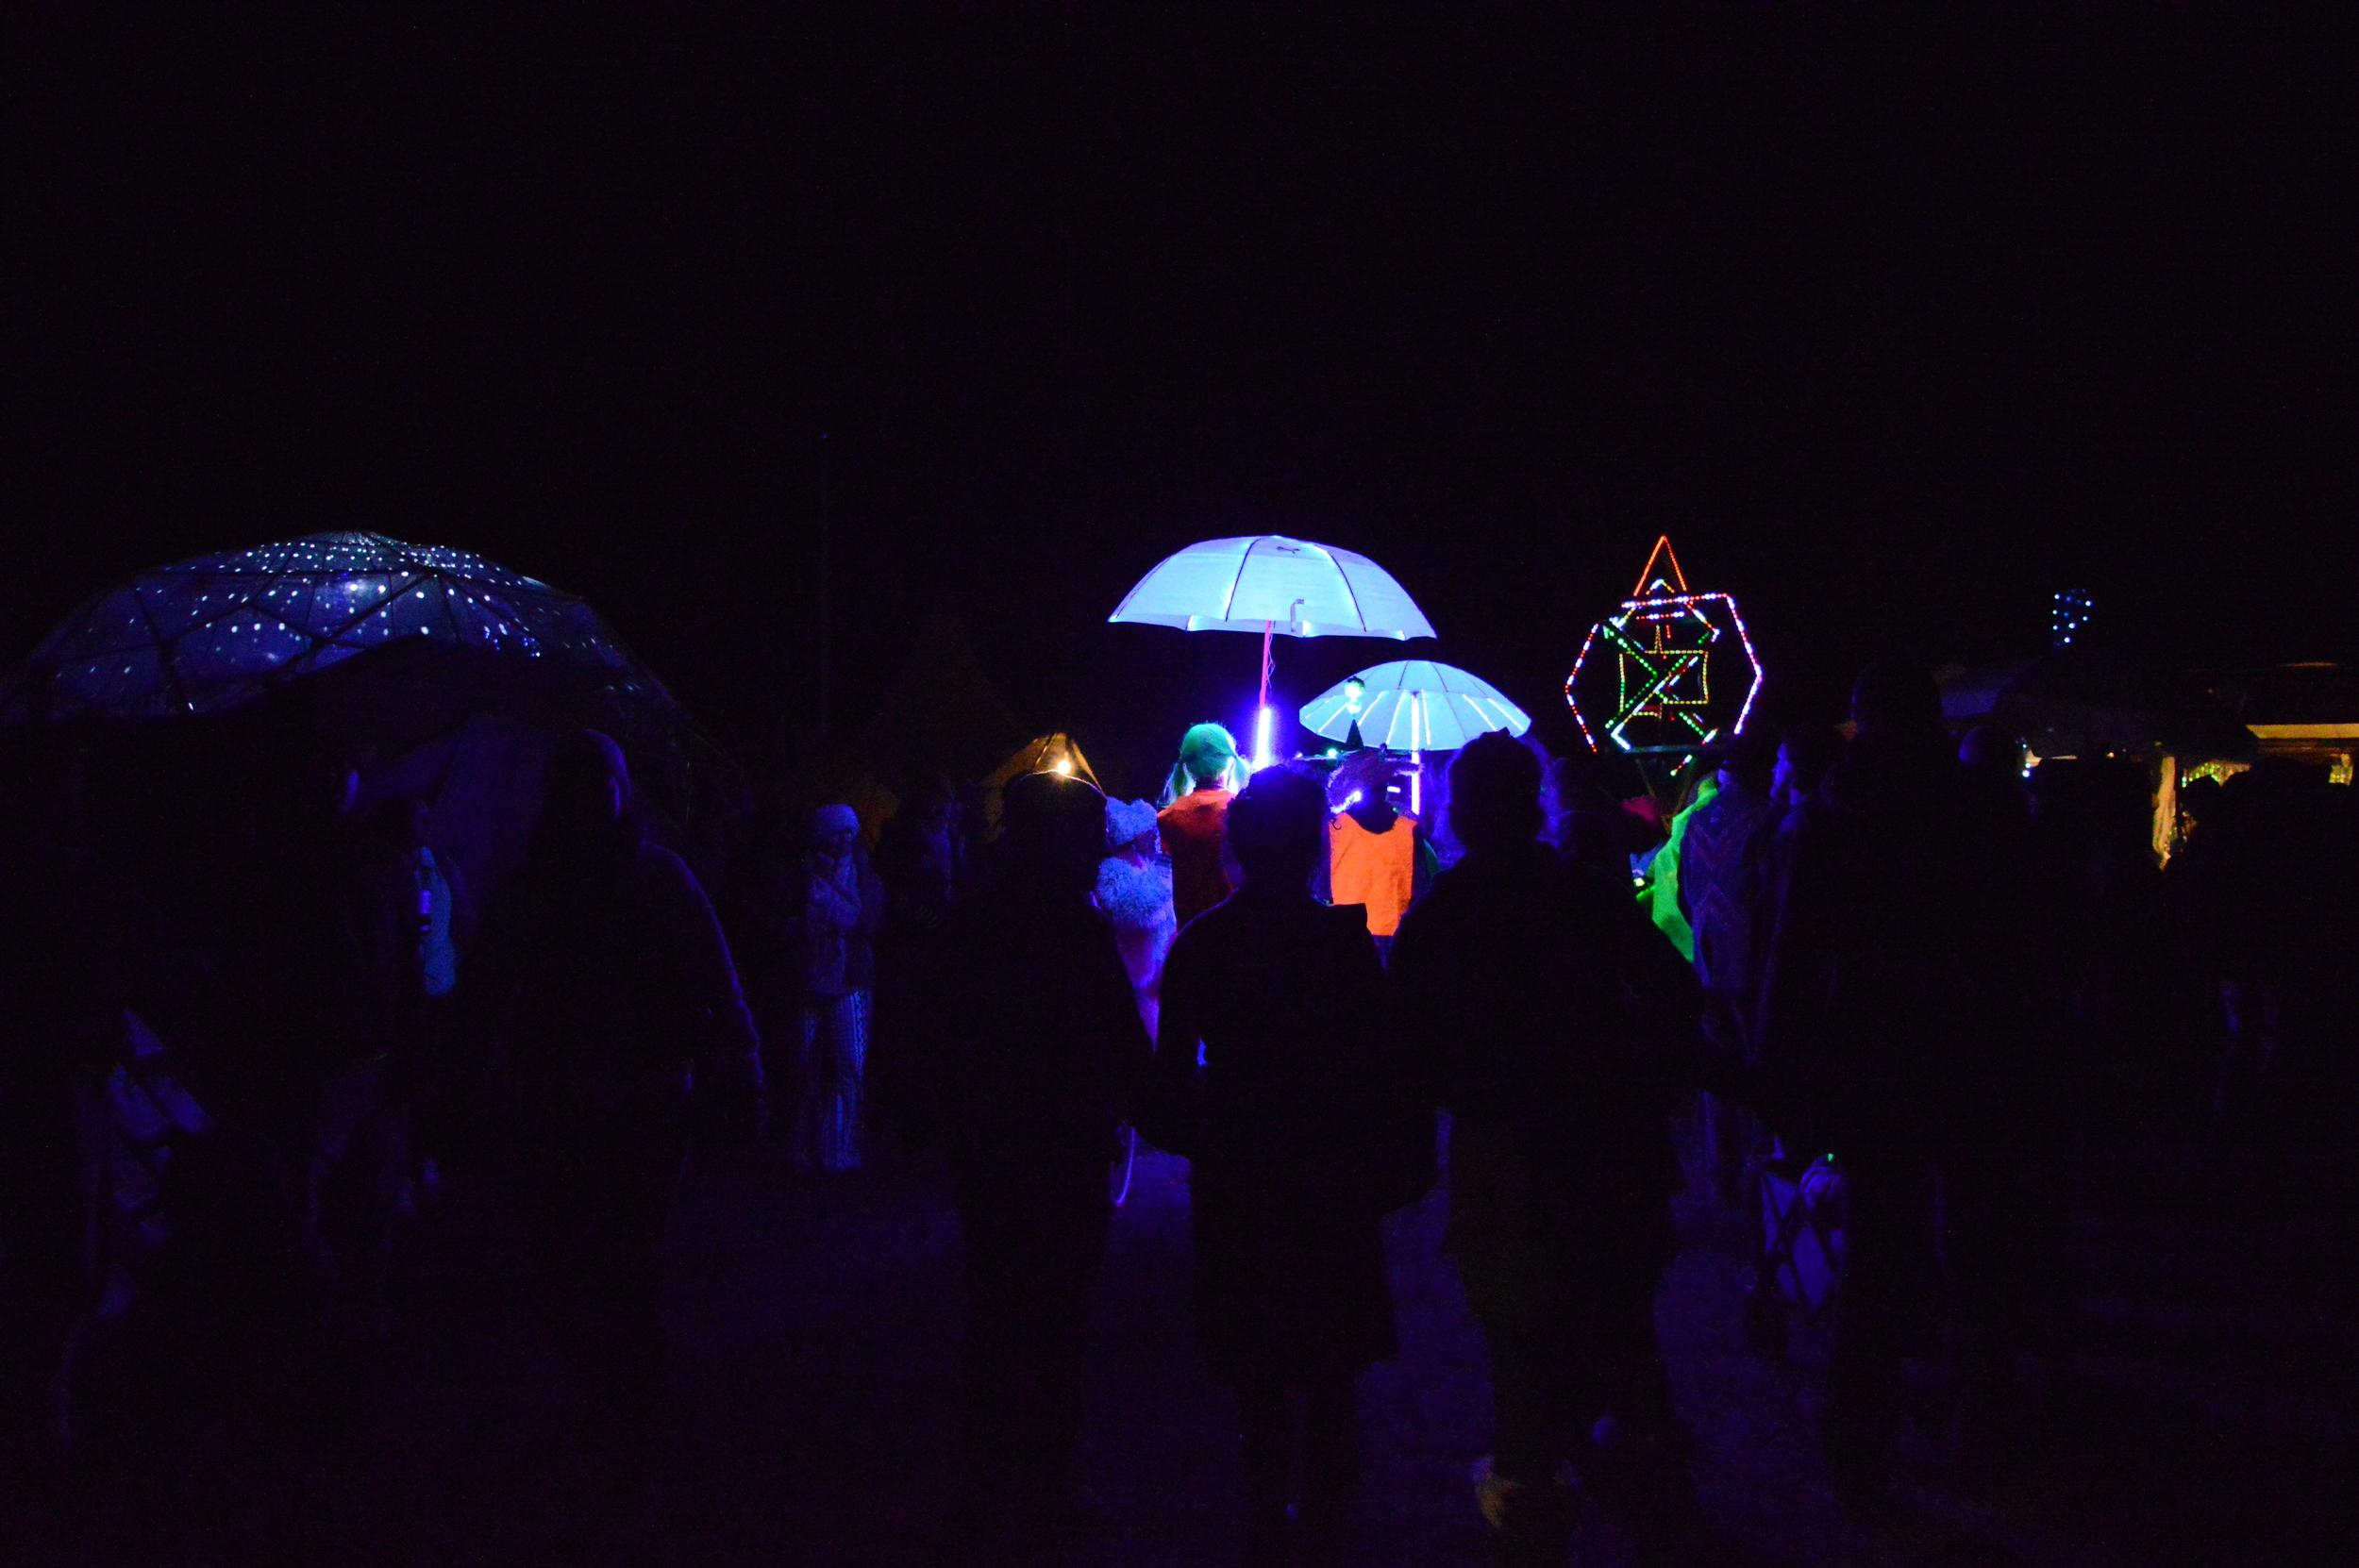 Neon parade! △△△